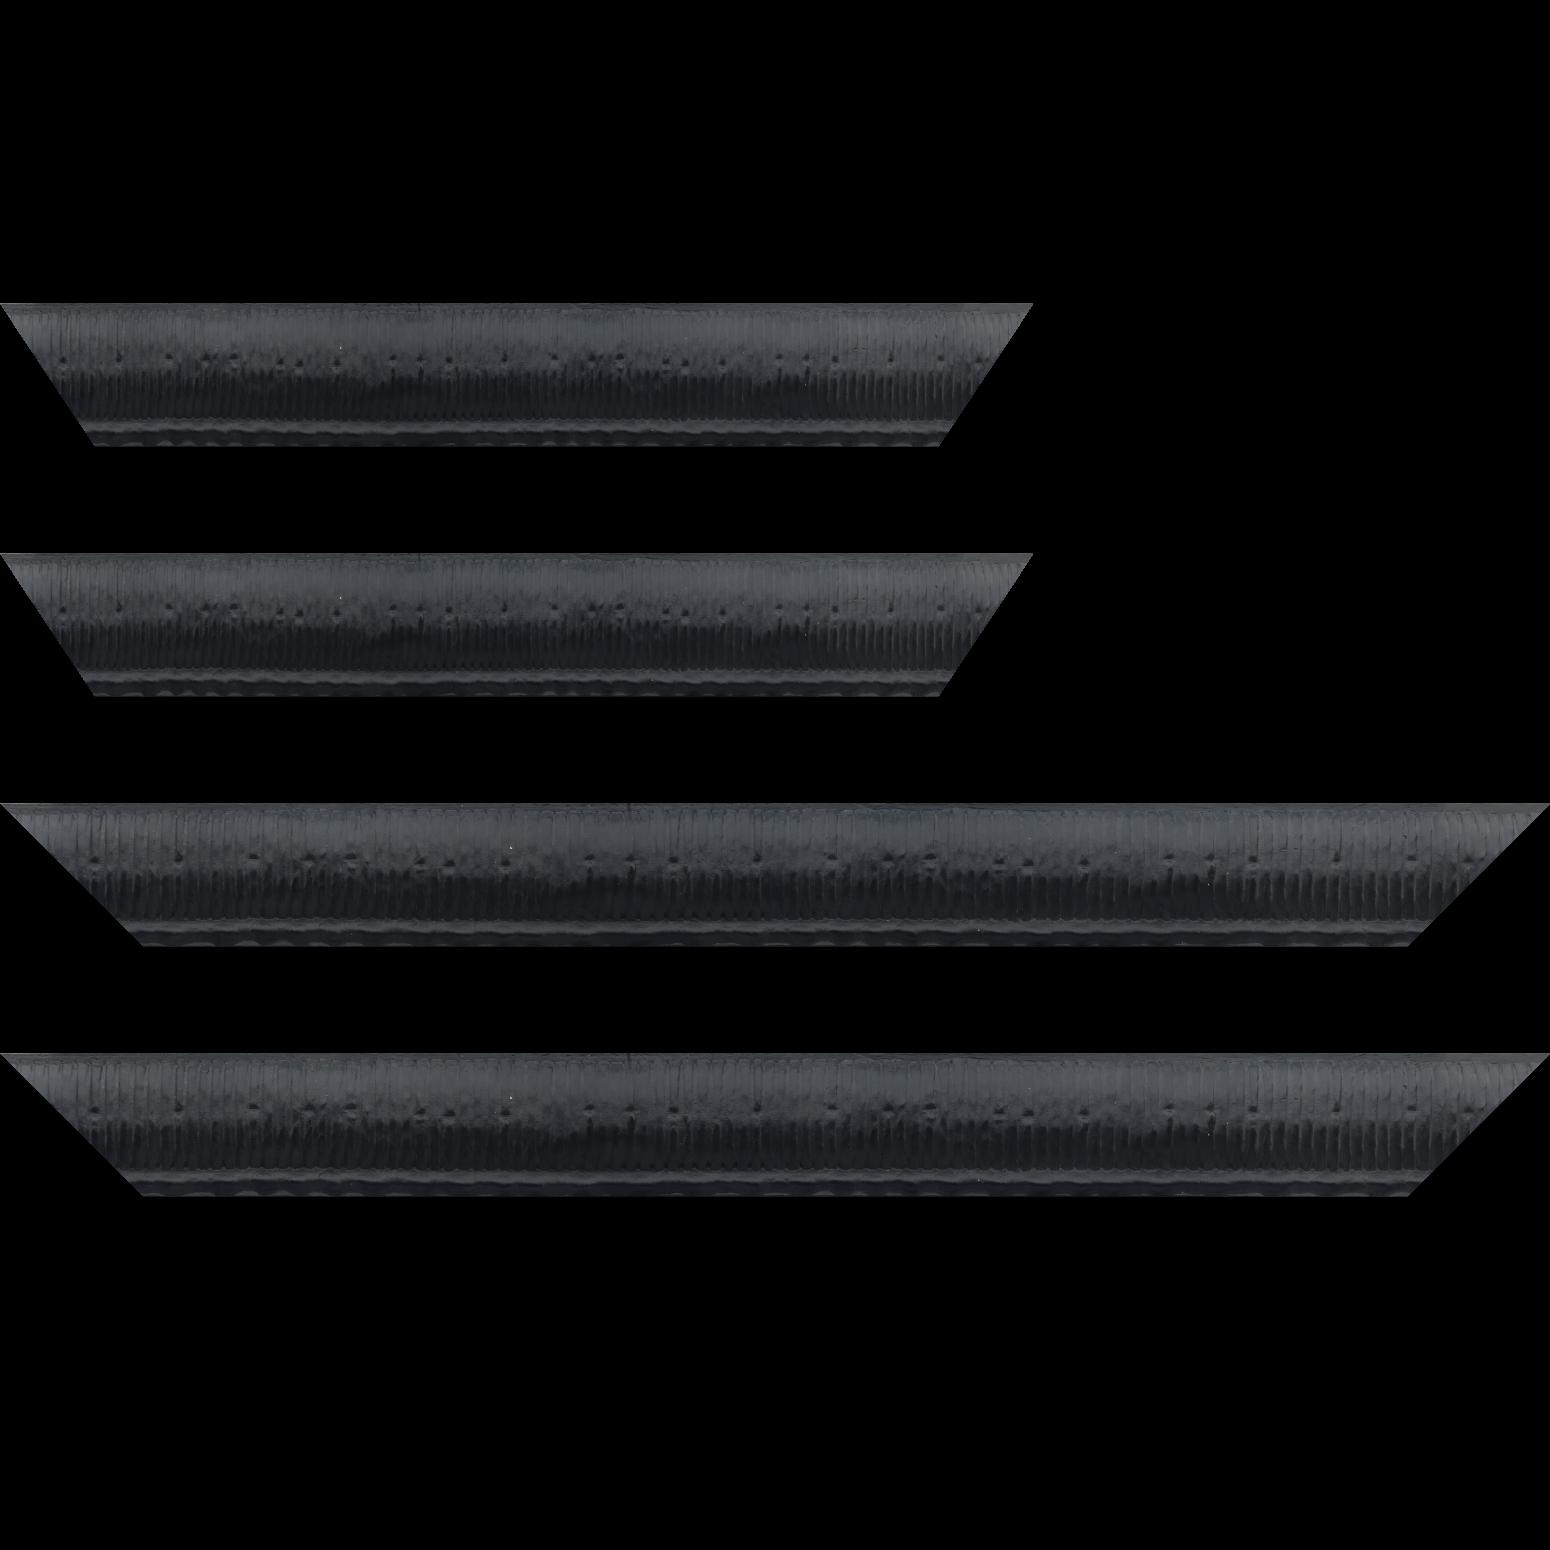 Baguette bois profil arrondi largeur 4.8cm couleur noir satiné décor bambou